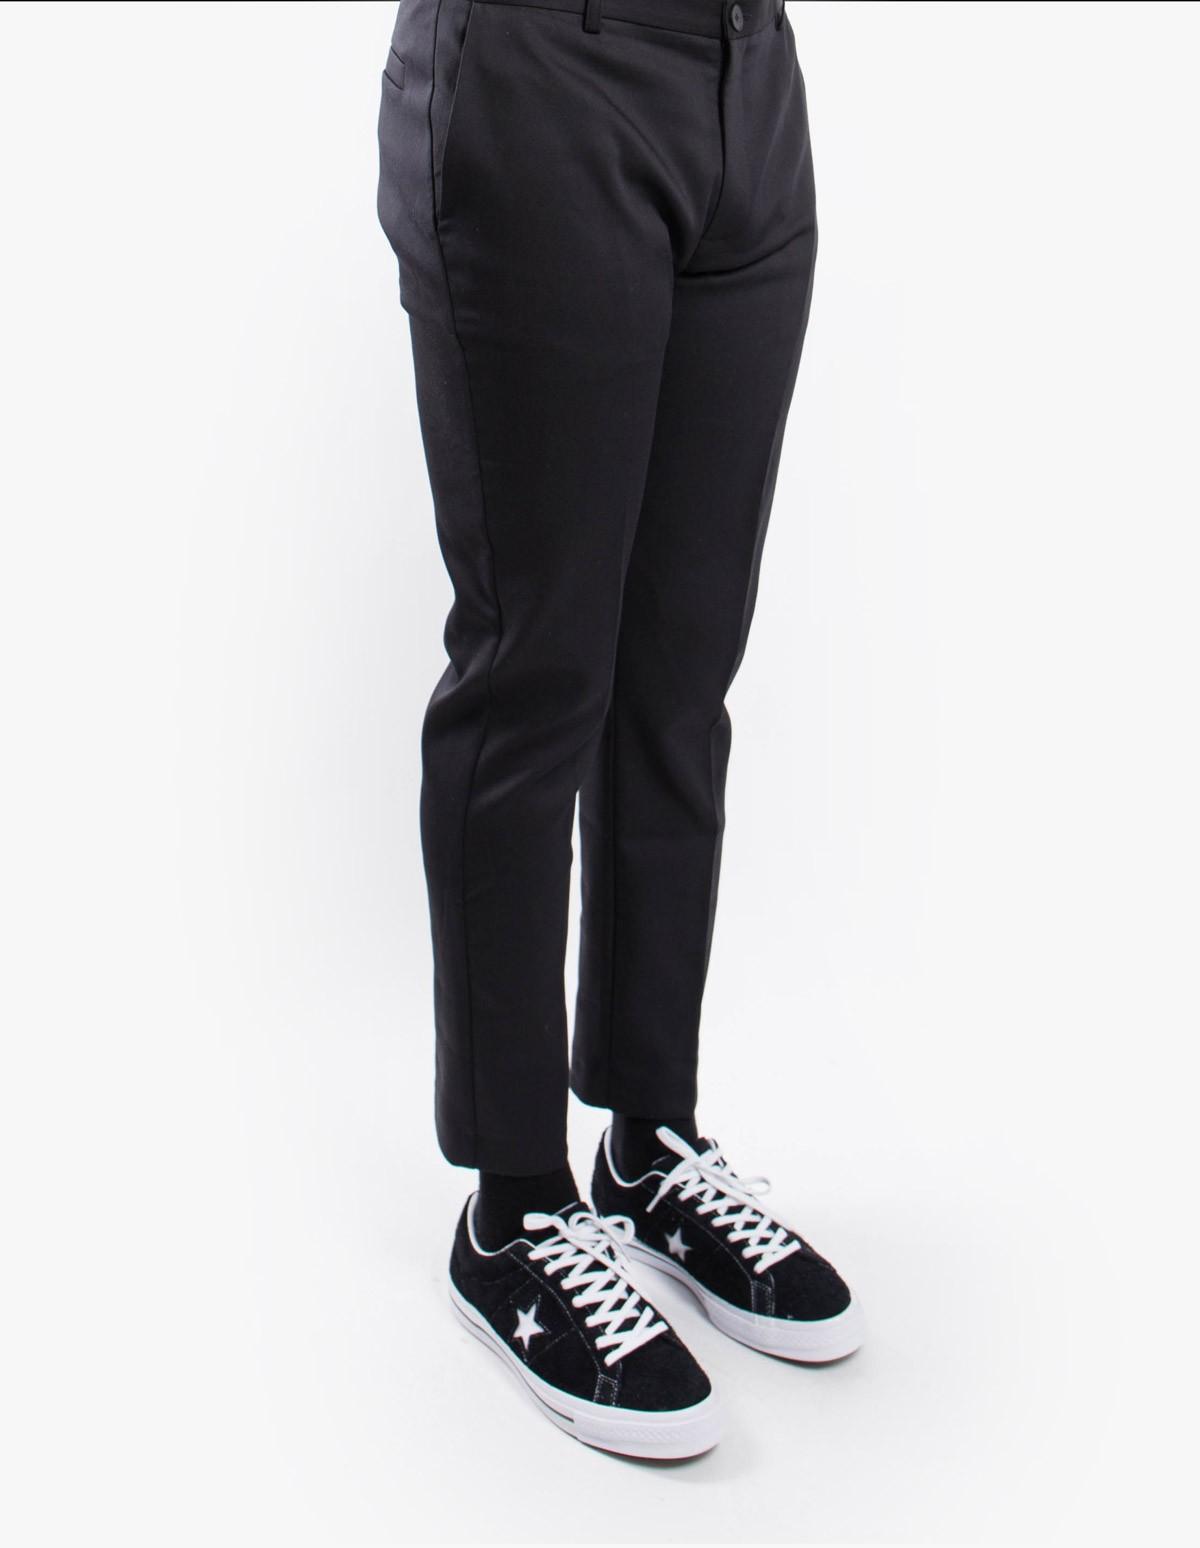 Séfr Harvey Trousers in Black